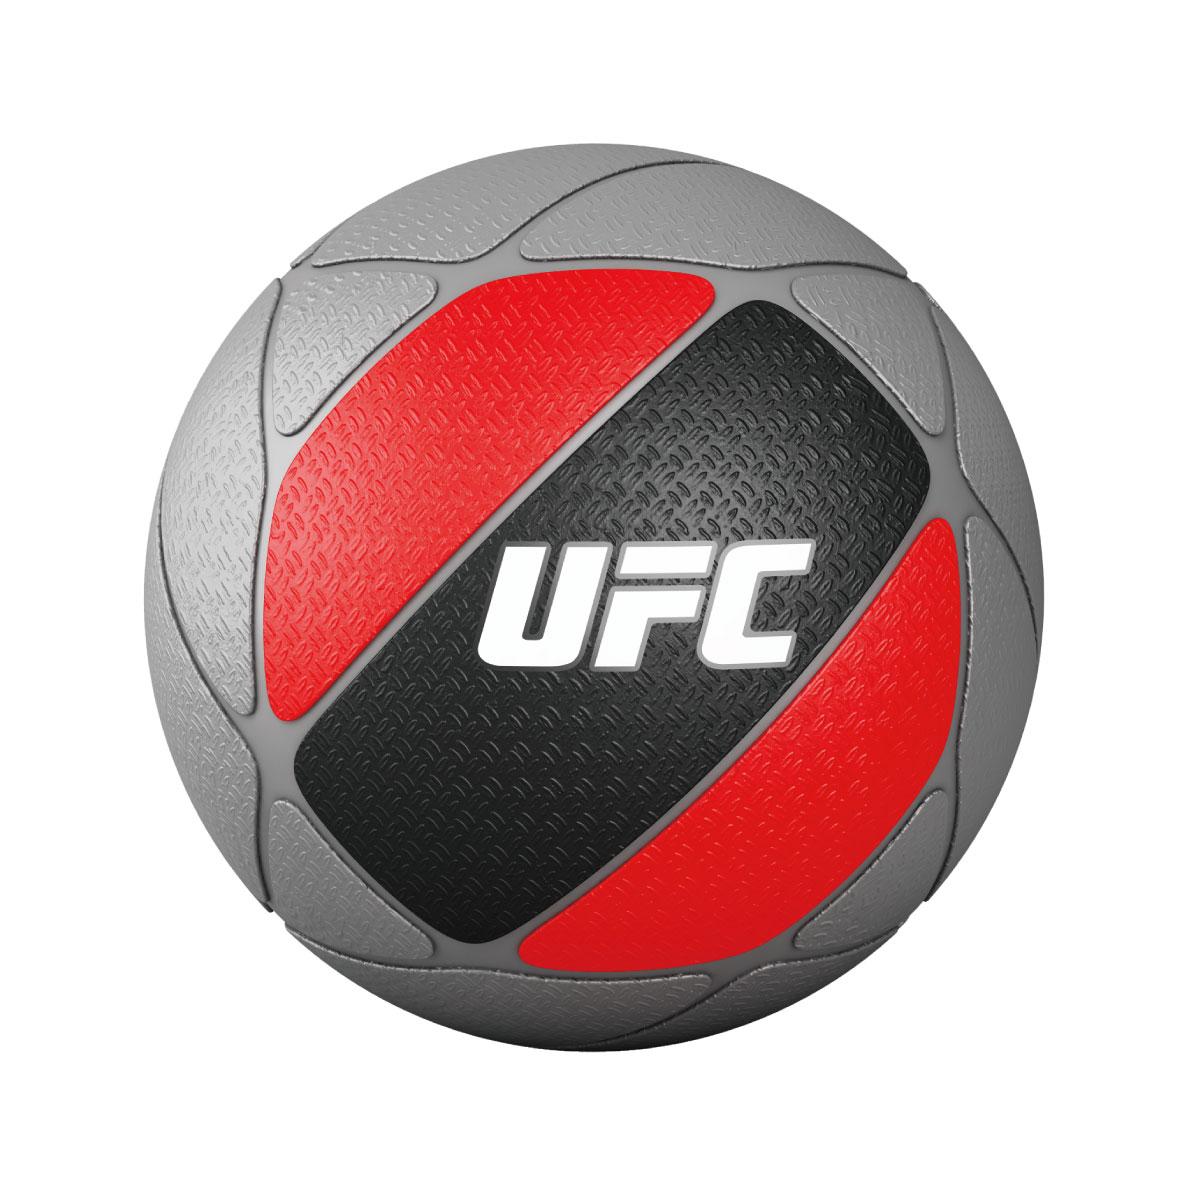 メディシンボール/ウエイトボール10個セット(1kg-10kg)〈業務用〉《総合格闘技UFCオフィシャル》